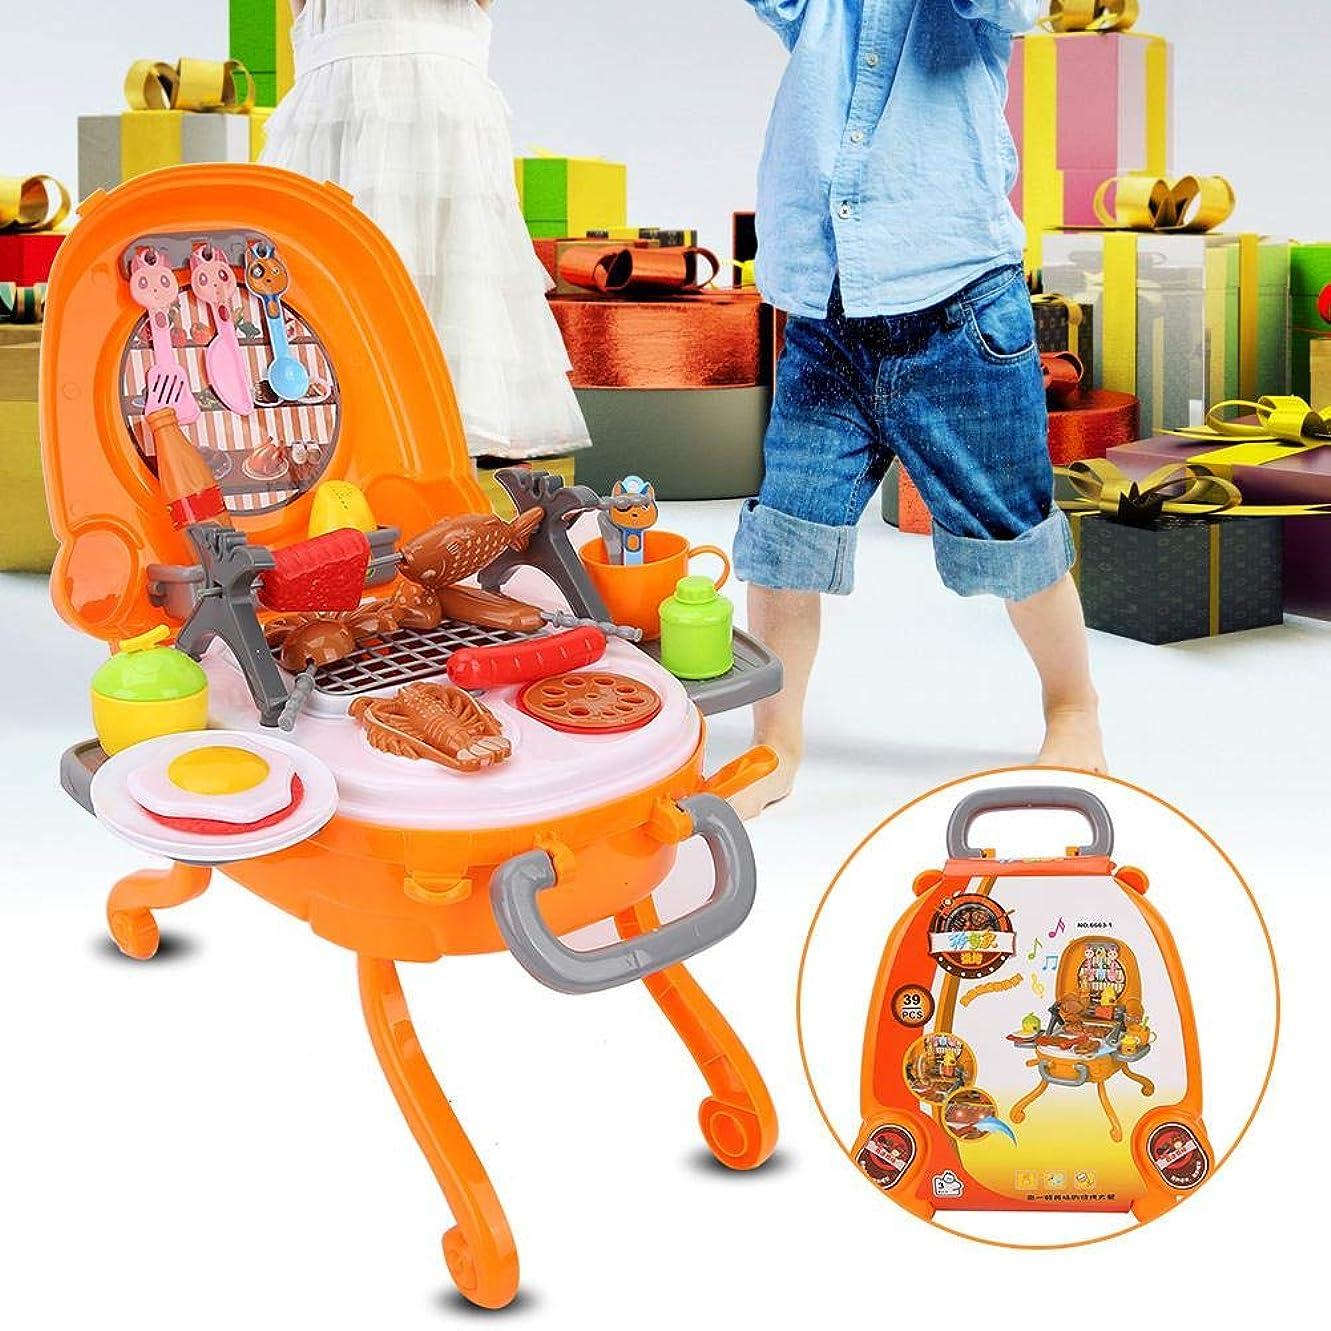 してはいけませんちょっと待って校長プラスチック製のバーベキューおもちゃ、ポータブルクッキングプレイセット耐久性のあるロールプレイングおもちゃ、幼児向け